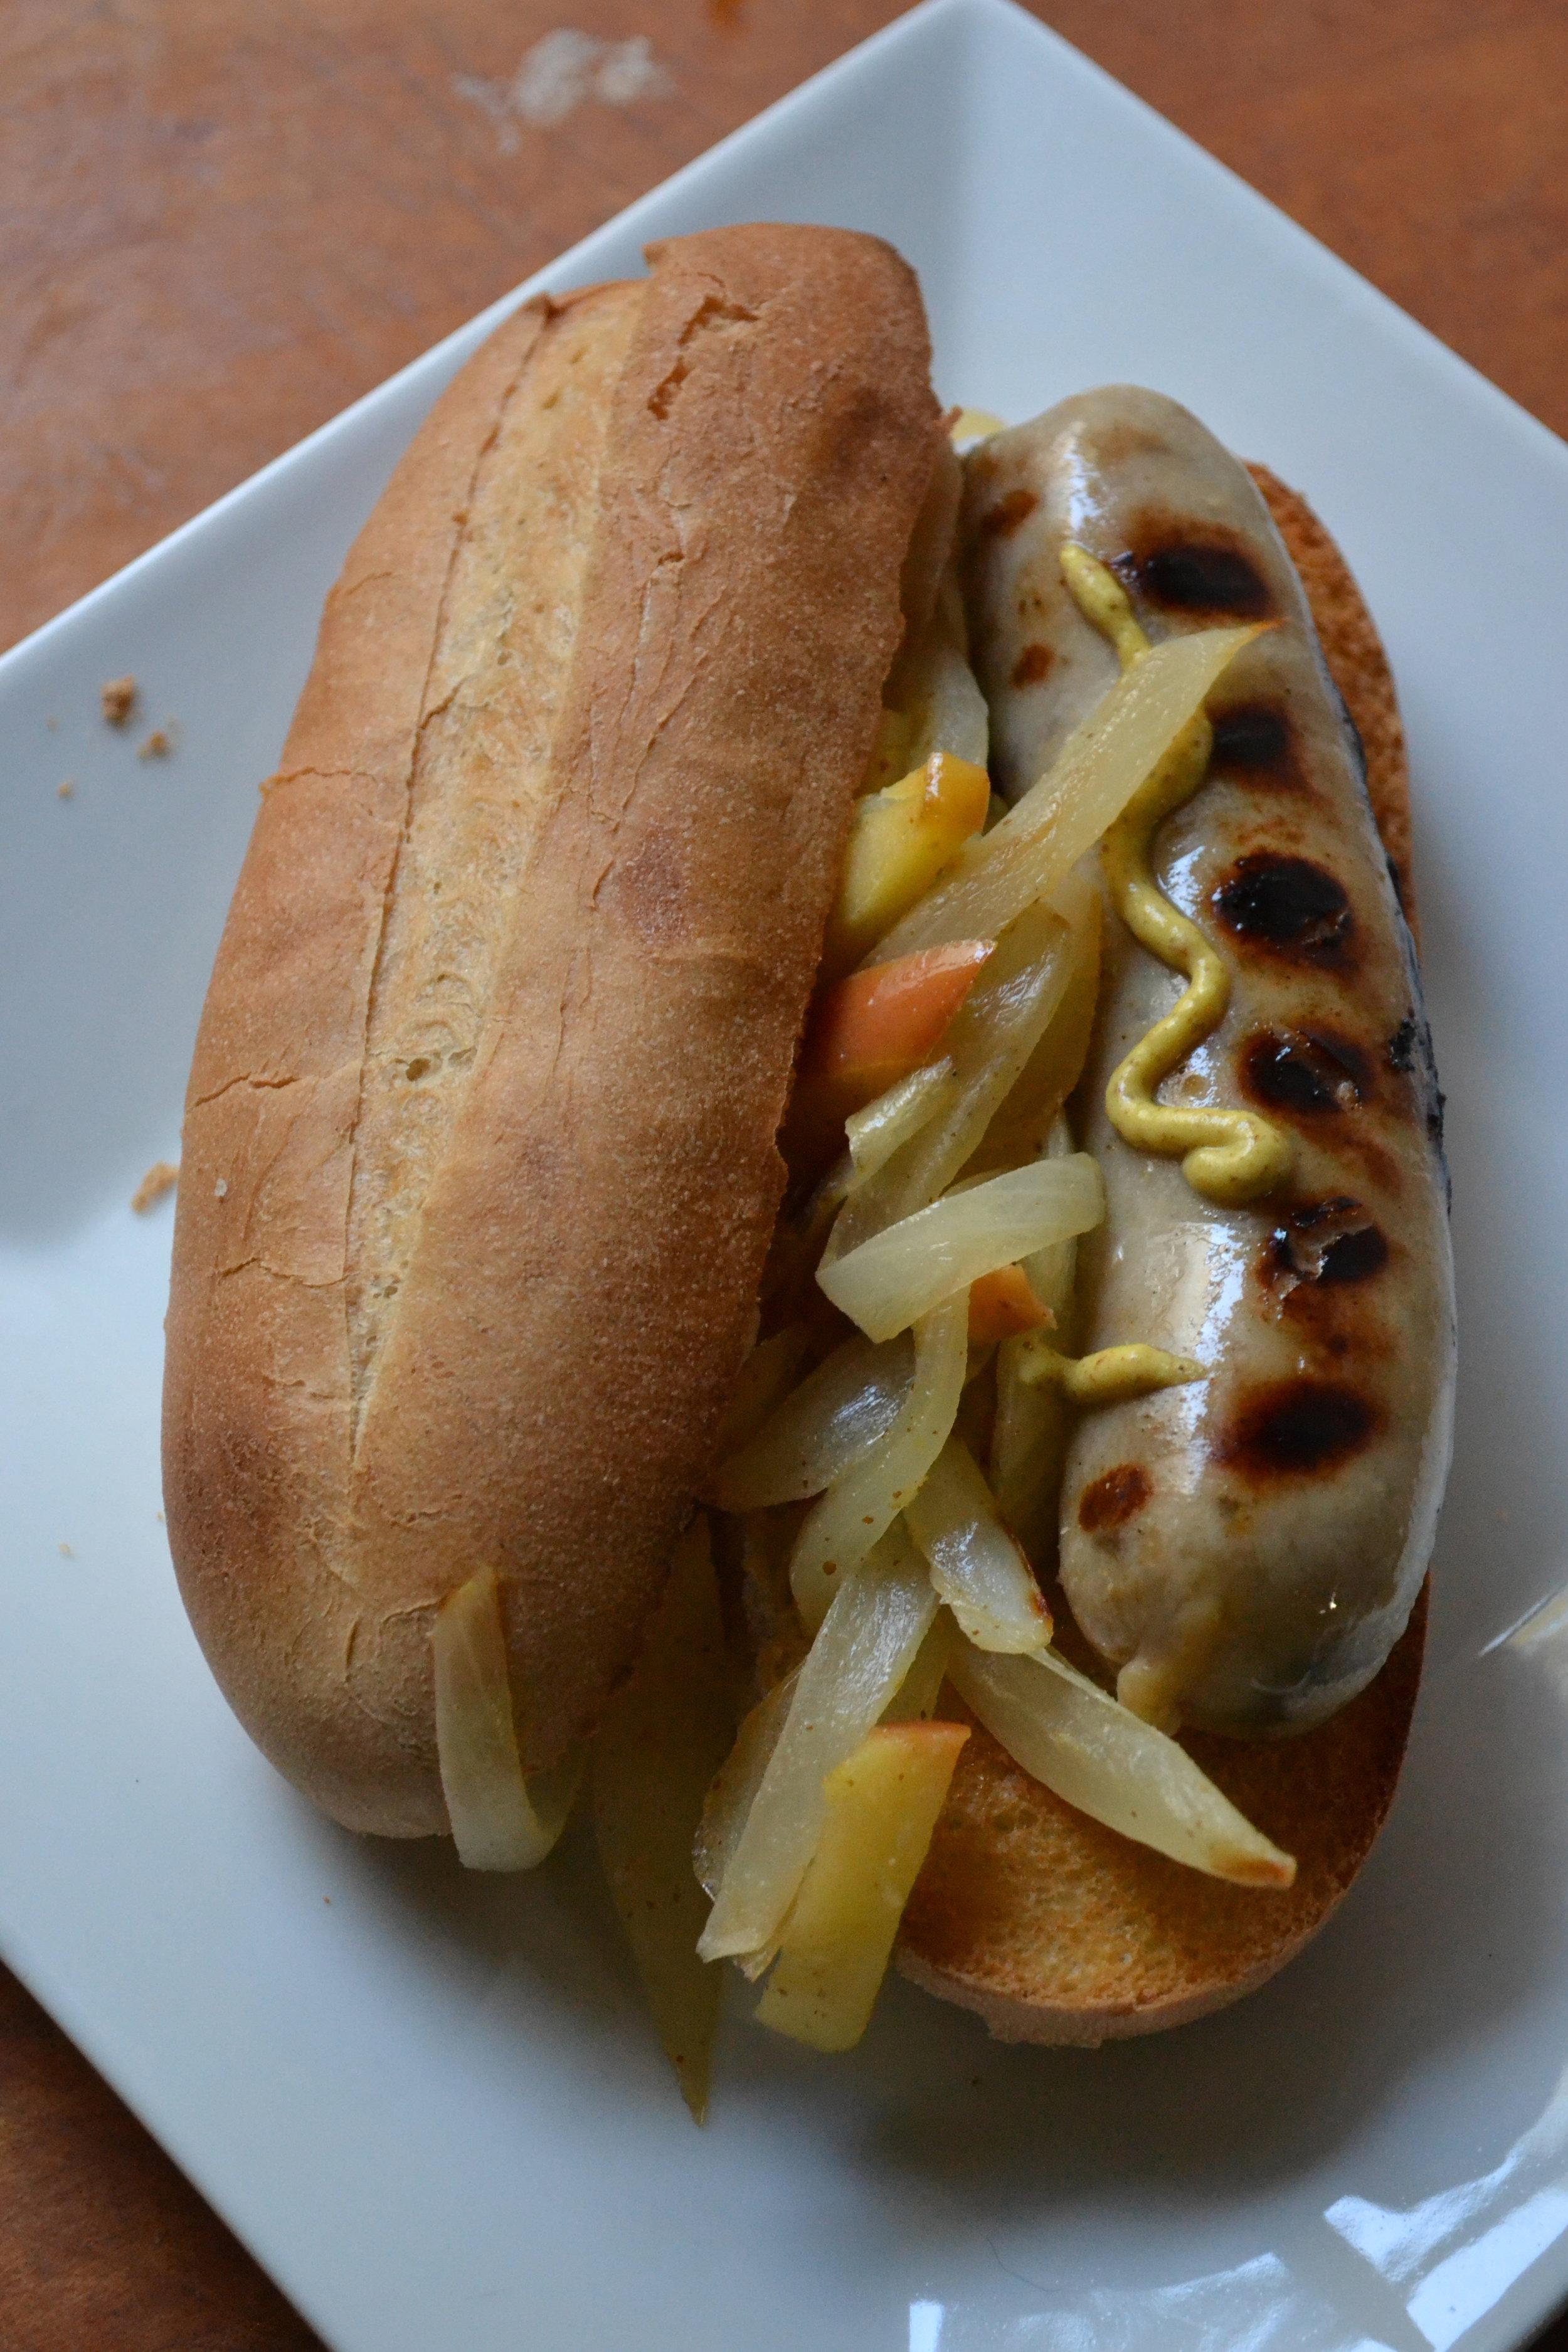 Apple Chicken Sausage Hoagie, super bowl worthy snacks